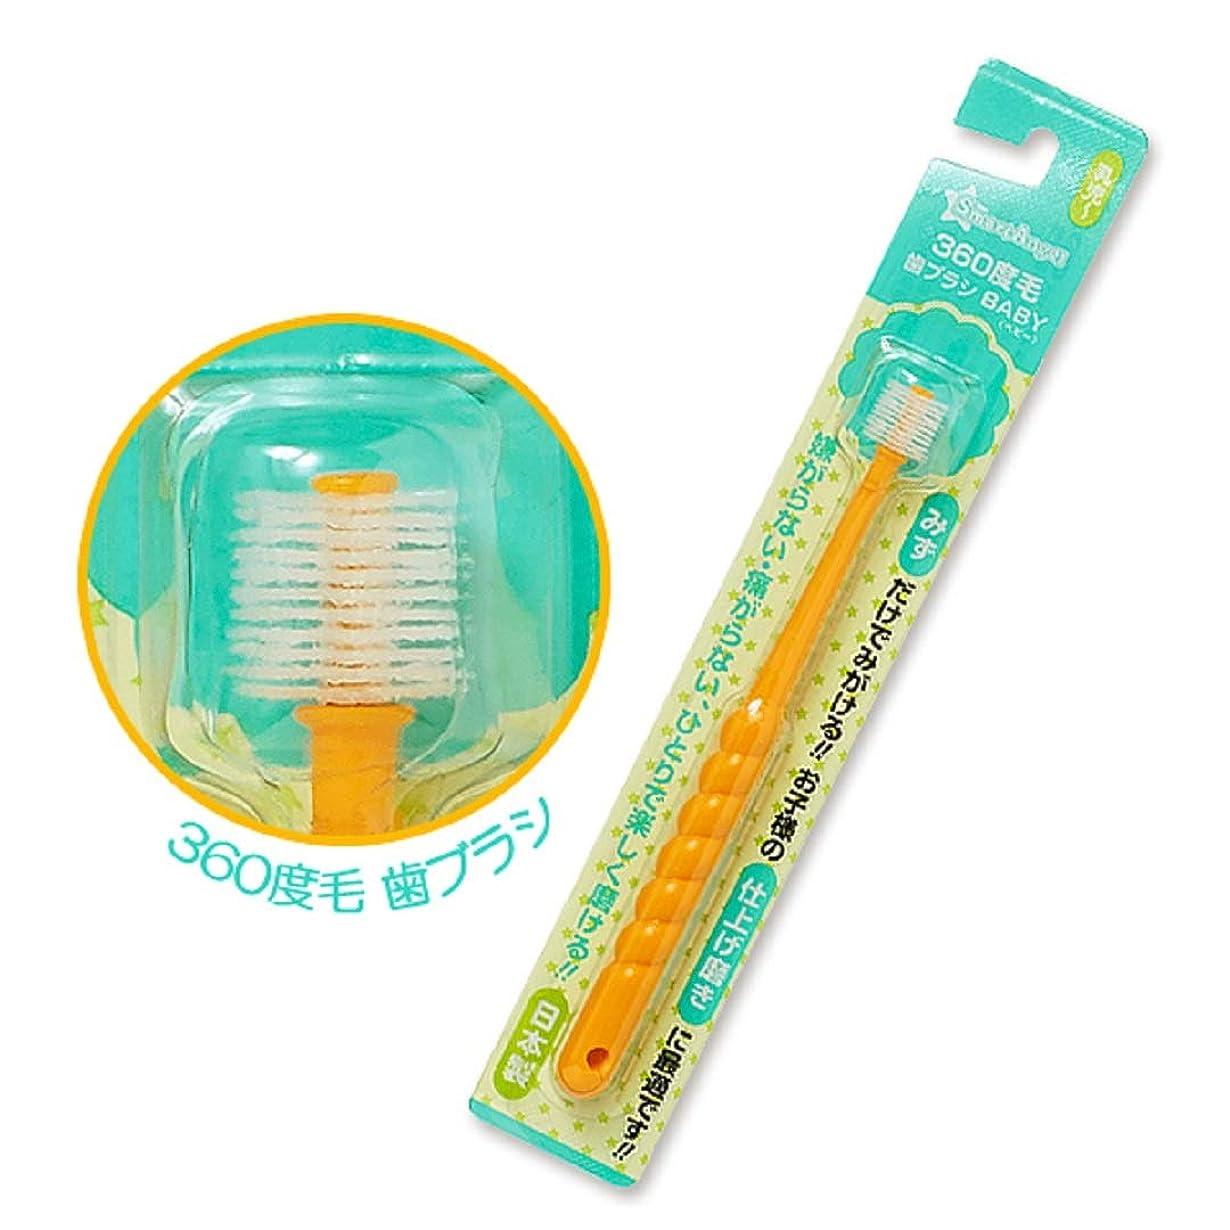 故障中米ドル破壊西松屋 SmartAngel) 360度毛歯ブラシBABY(オレンジ)